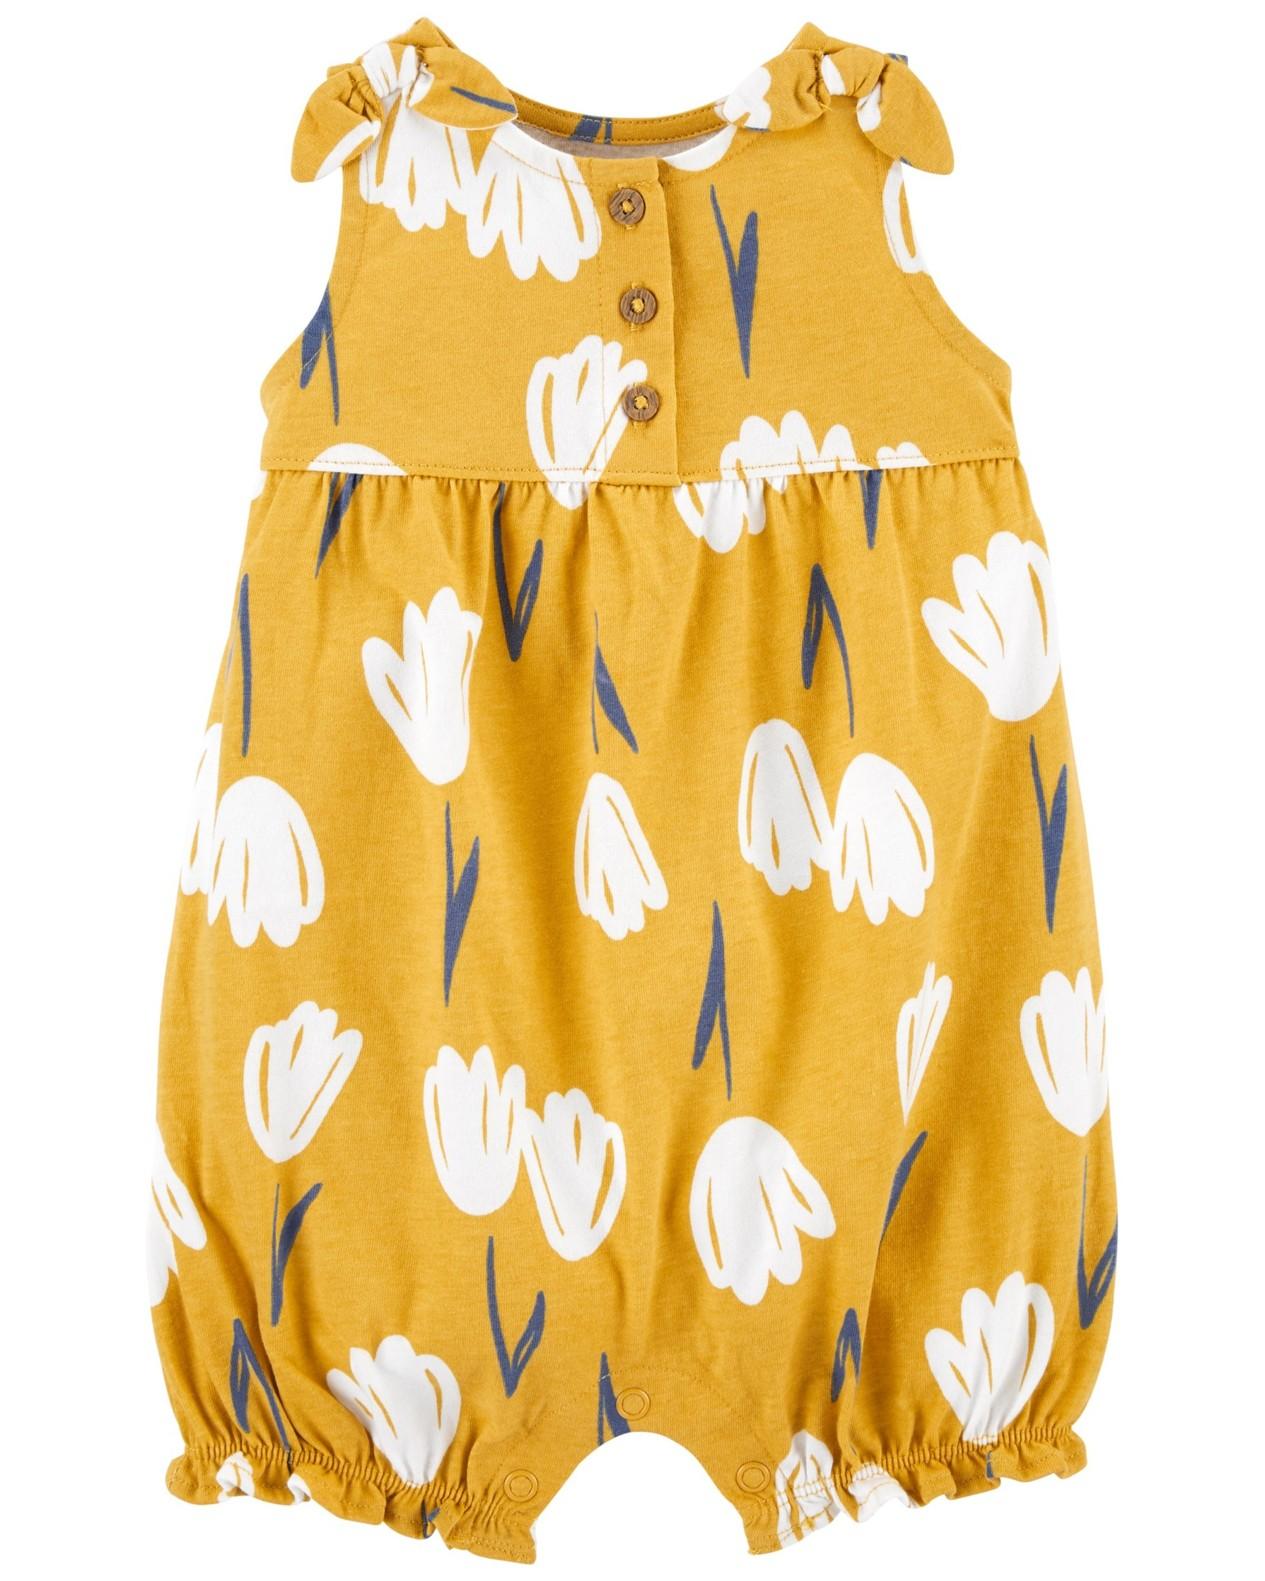 CARTER'S Overal bez rukávov Yellow Floral dievča 18 m, veľ. 86